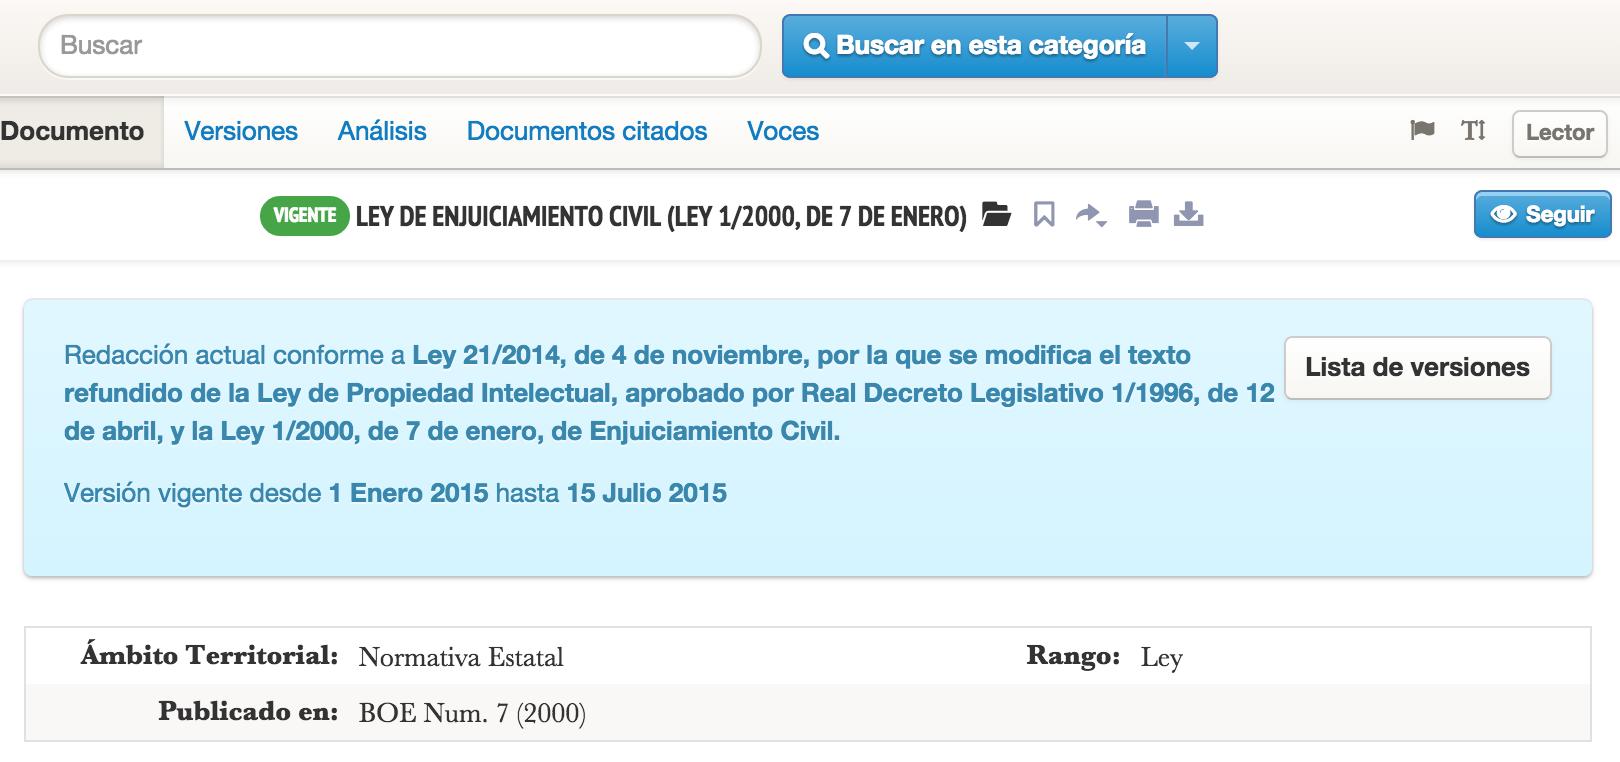 Ley de Enjuiciamiento Civil Ley 1 2000 de 7 de enero vLex España